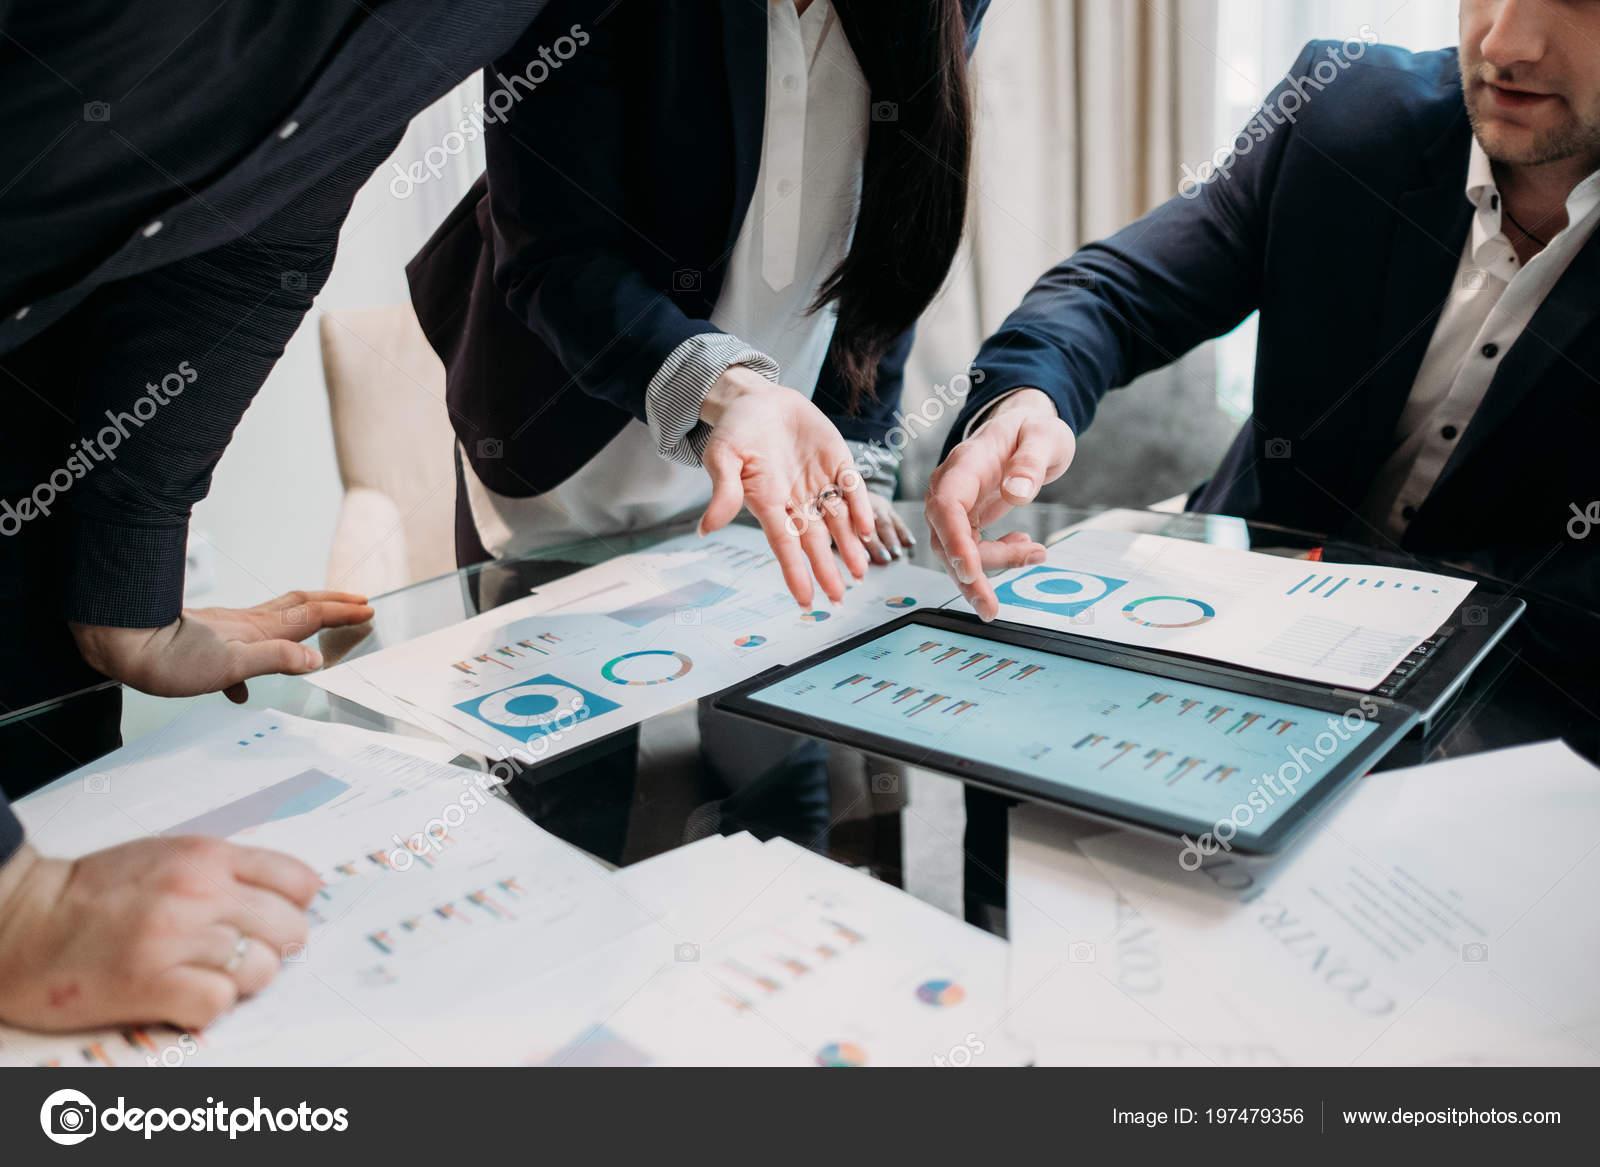 gestión de reuniones problemas papeles — Fotos de Stock © golubovy ...